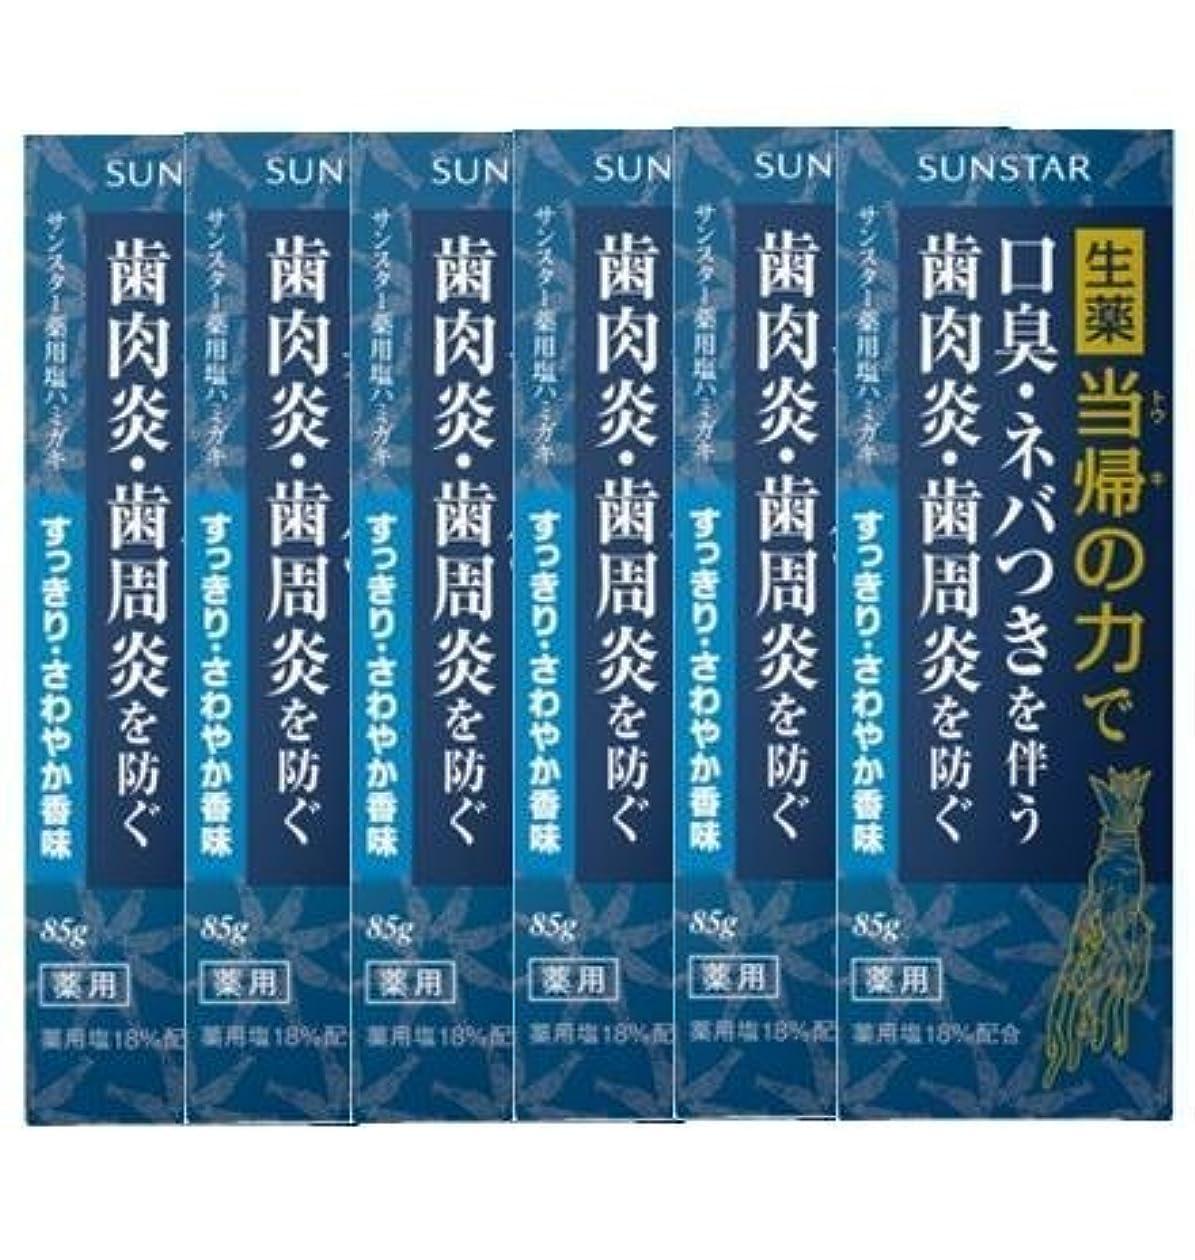 どきどき受粉するどうやら薬用ハミガキ 生薬 当帰の力 さわやか香味85g×6個セット